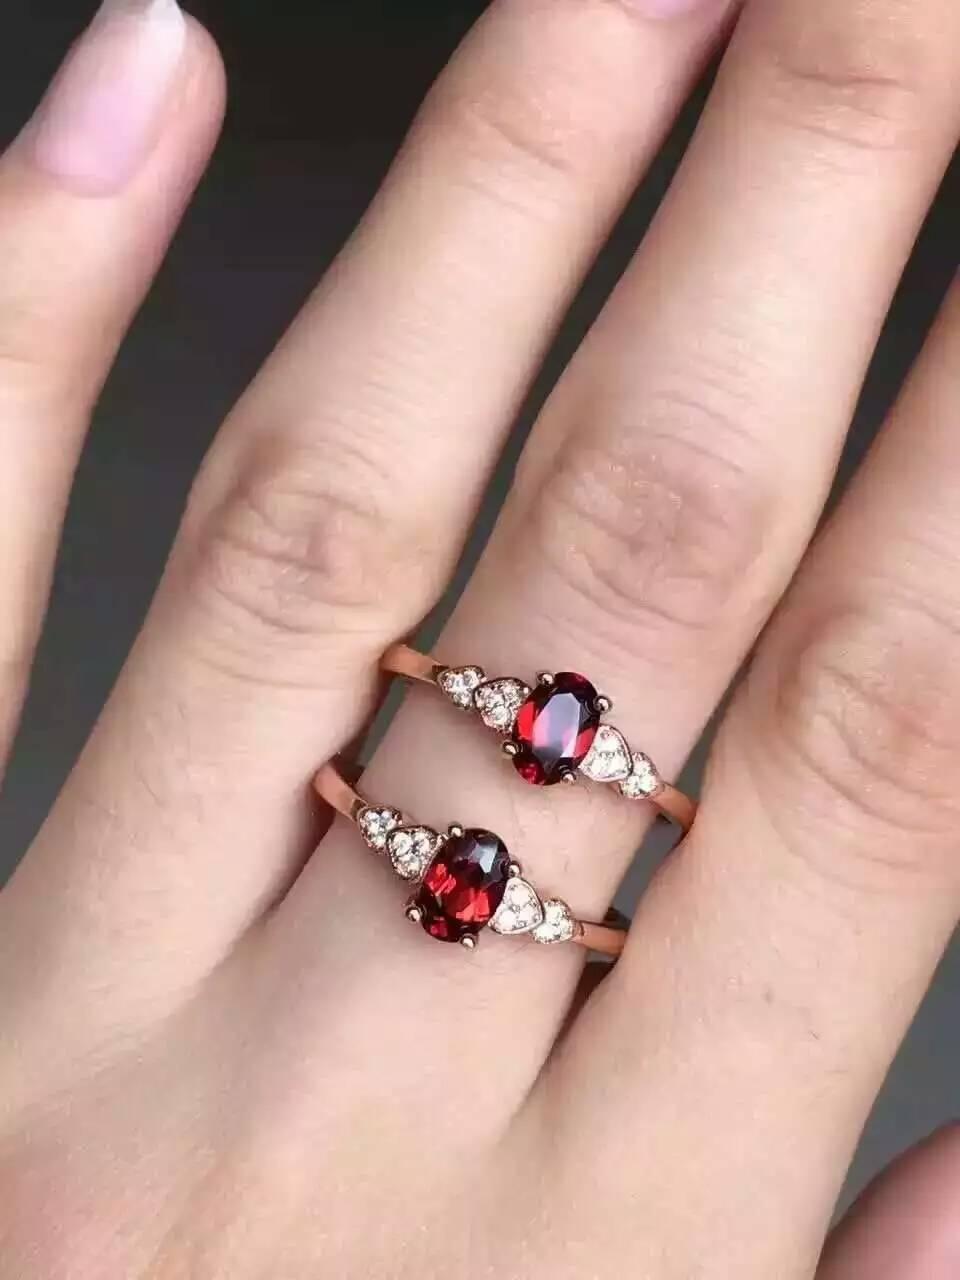 1a1dd6e08684 Rojo granate natural anillo de piedras preciosas naturales S925 plata  esterlina de moda elegante corazón de la muchacha de las mujeres joyería de  la boda en ...